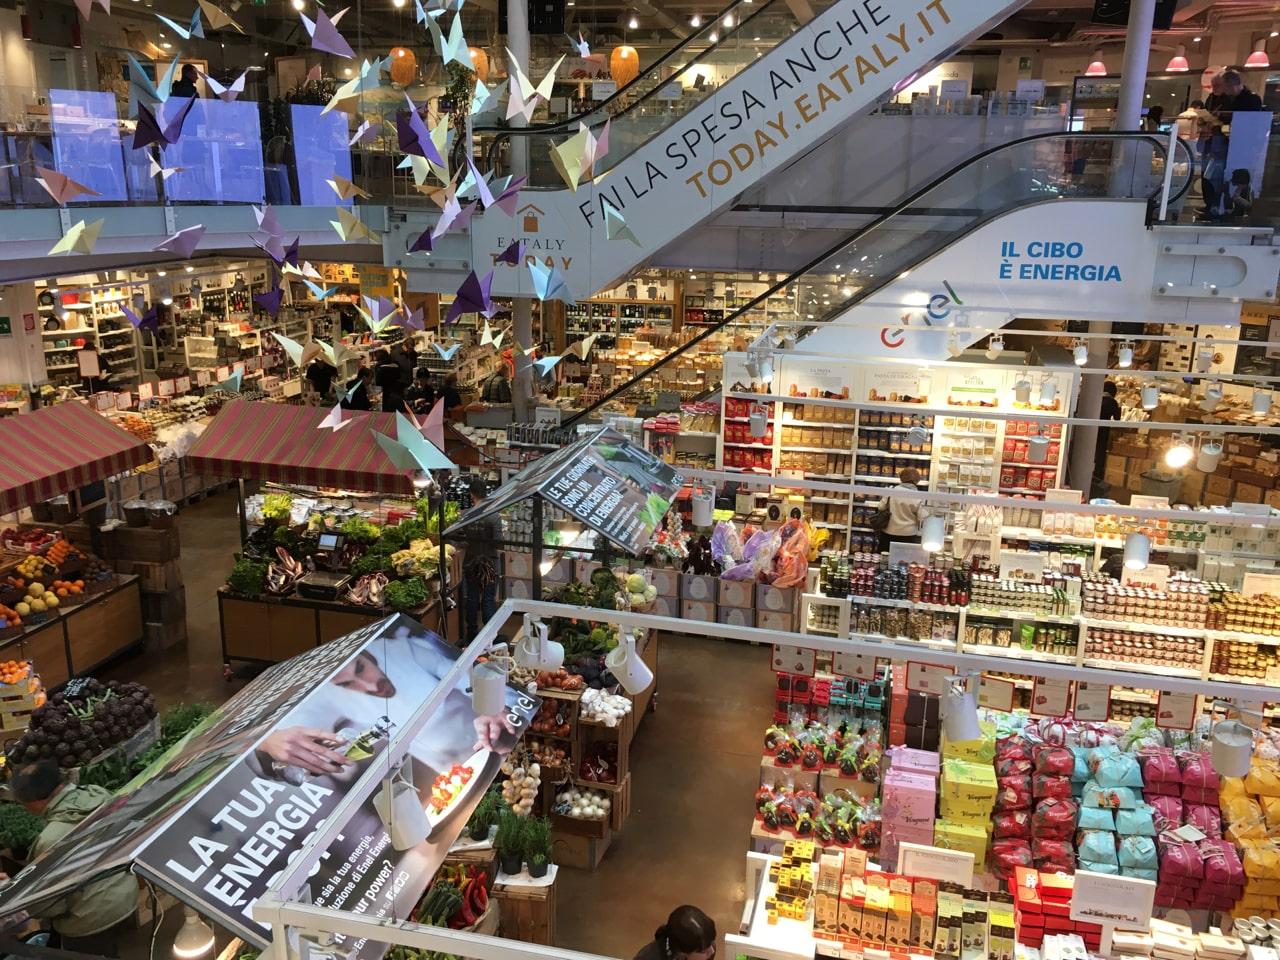 Eataly超市内部,各种意大利的特产,都相当贵,一瓶酱接近10欧